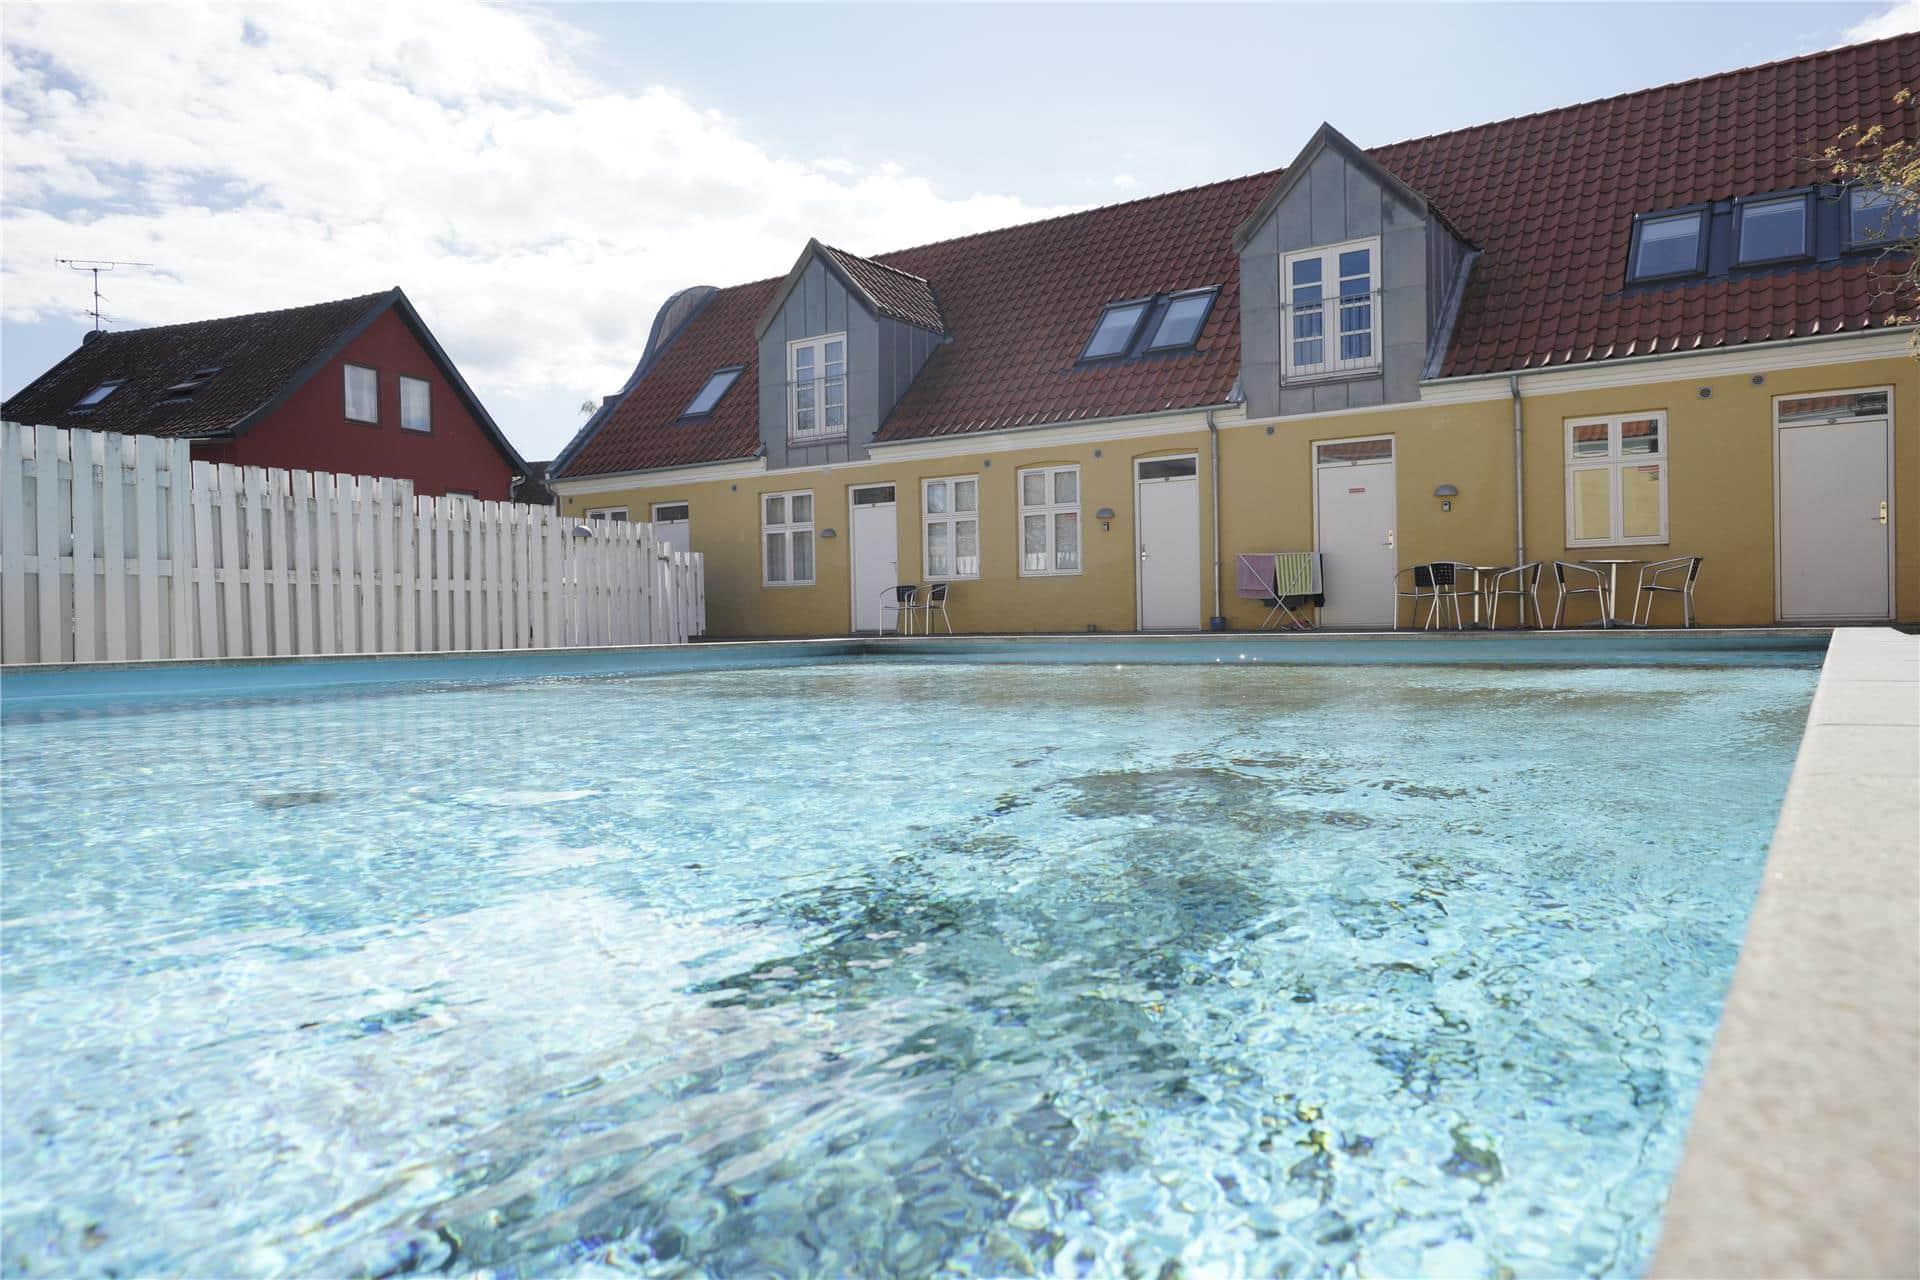 Bild 1-10 Ferienhaus 5507, Brøddegade 14, DK - 3760 Gudhjem